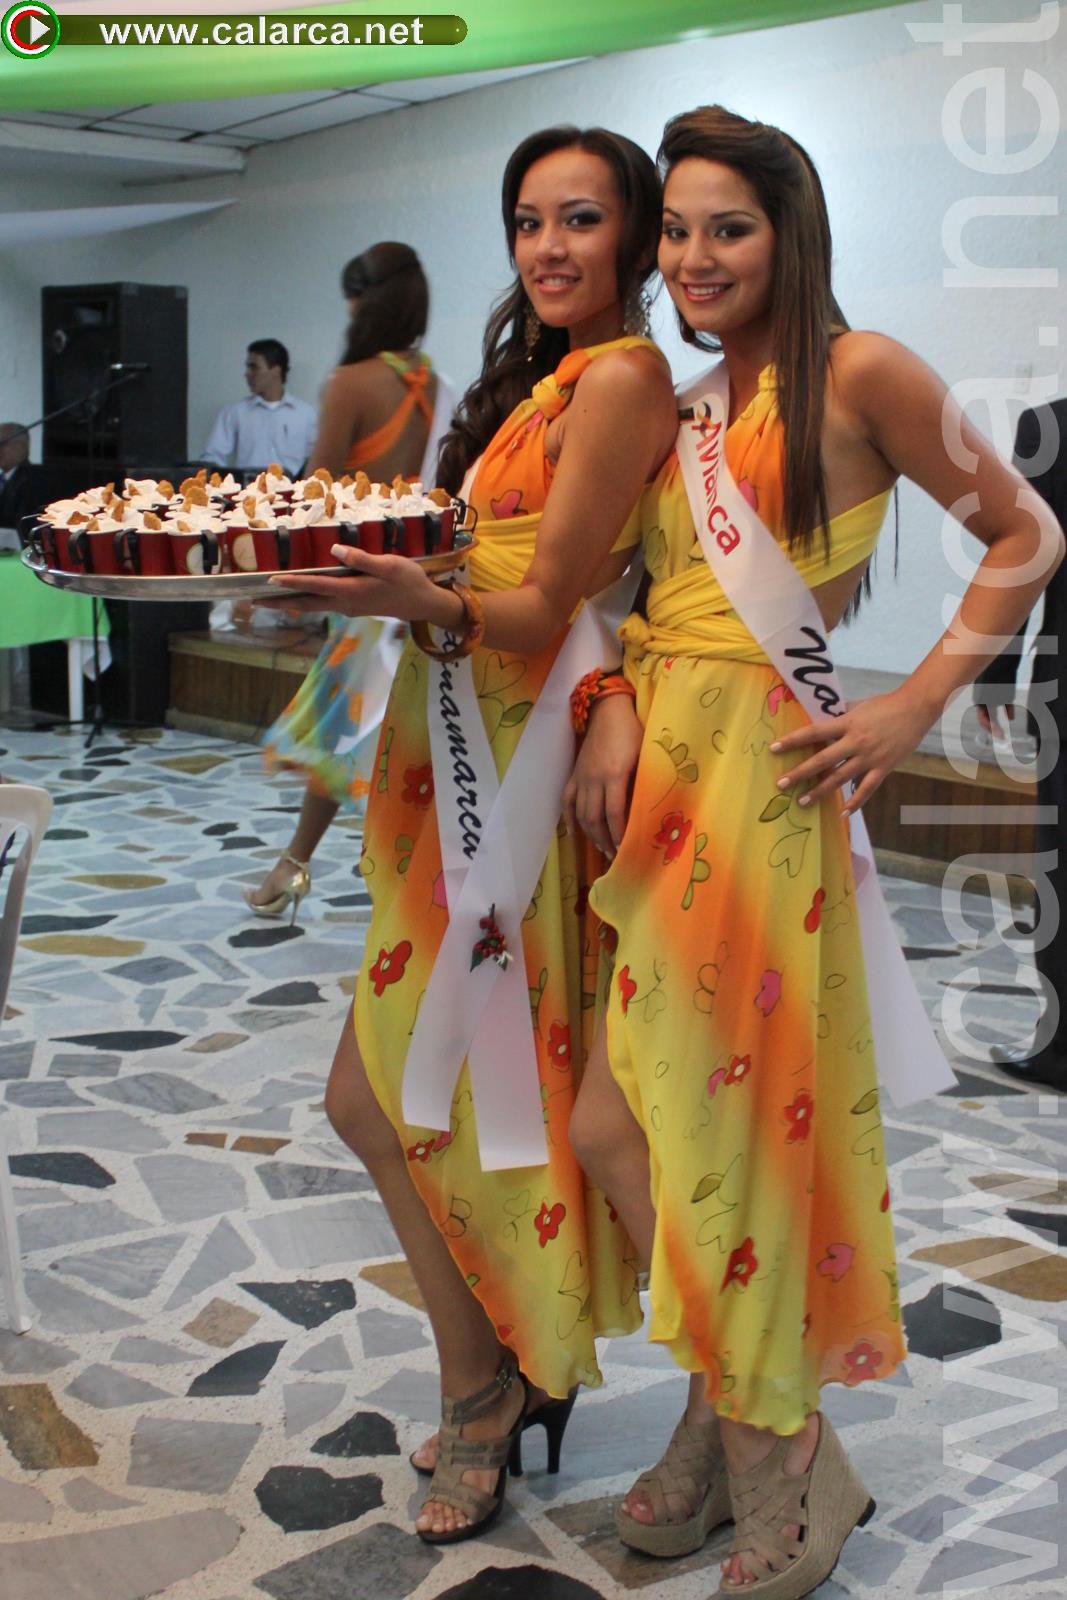 Cundinamarca - Andrea Julieth Velandia Madroñedo; Nariño - Fanny Villalba Paz